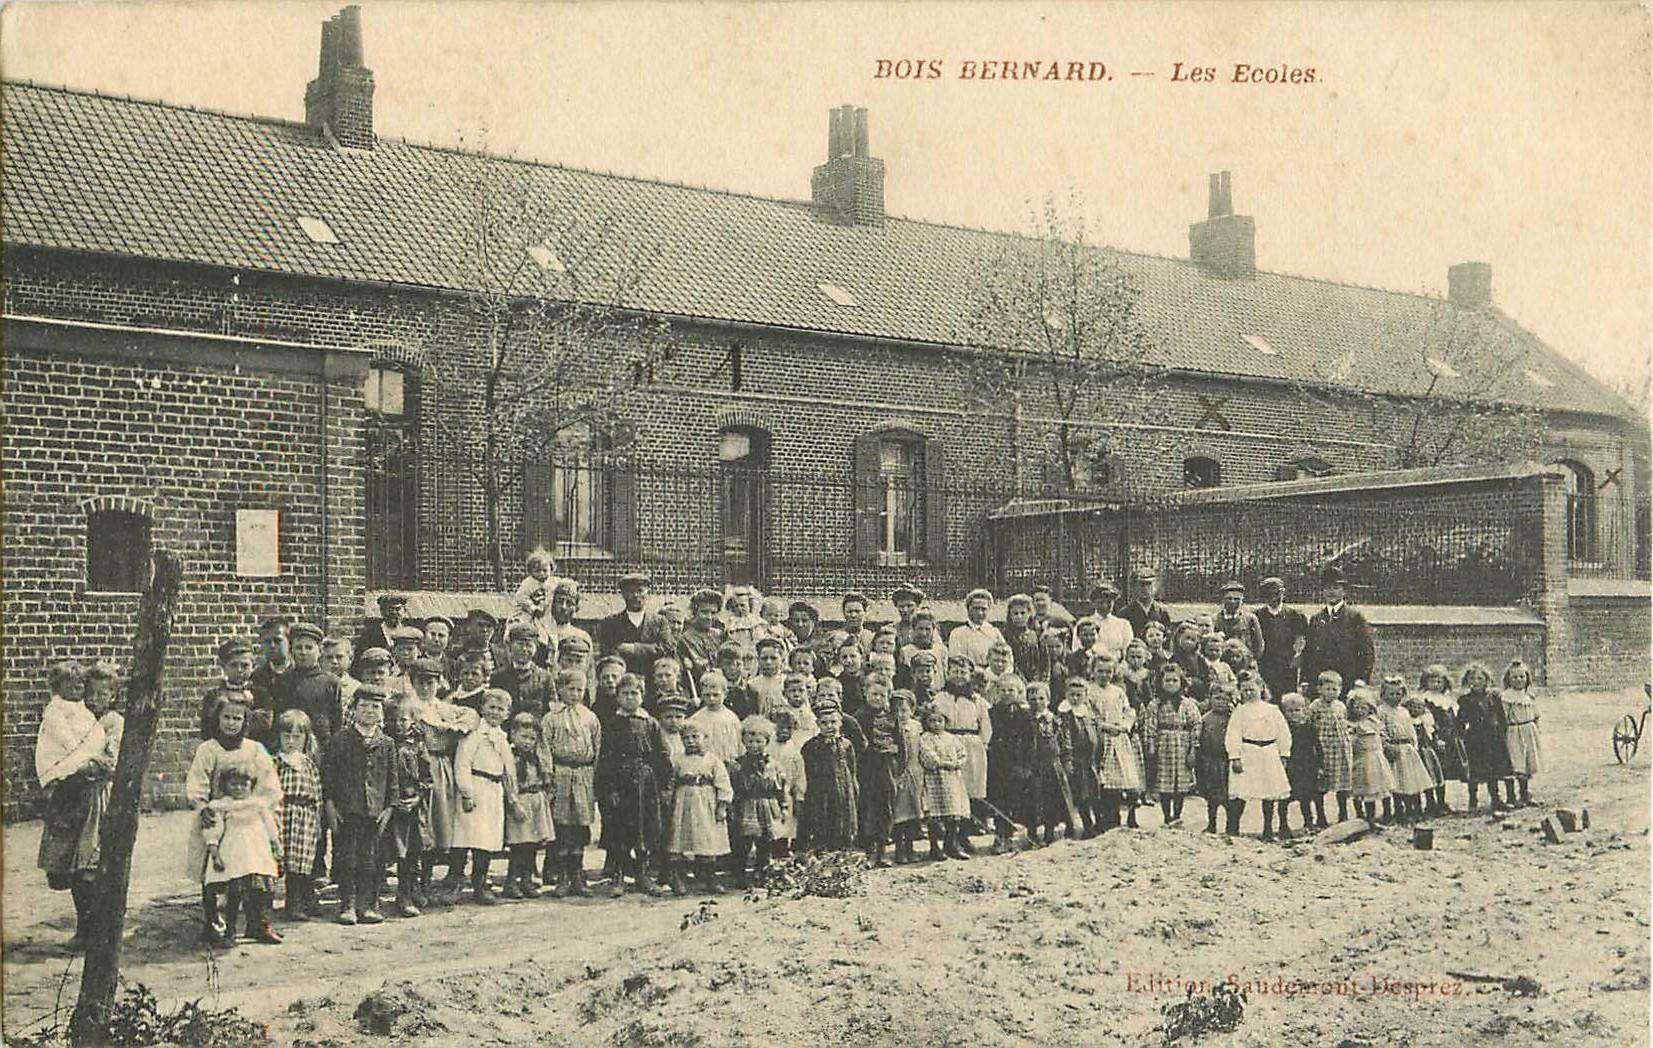 WW 62 BOIS BERNARD. Les Ecoles avec écoliers et écolières